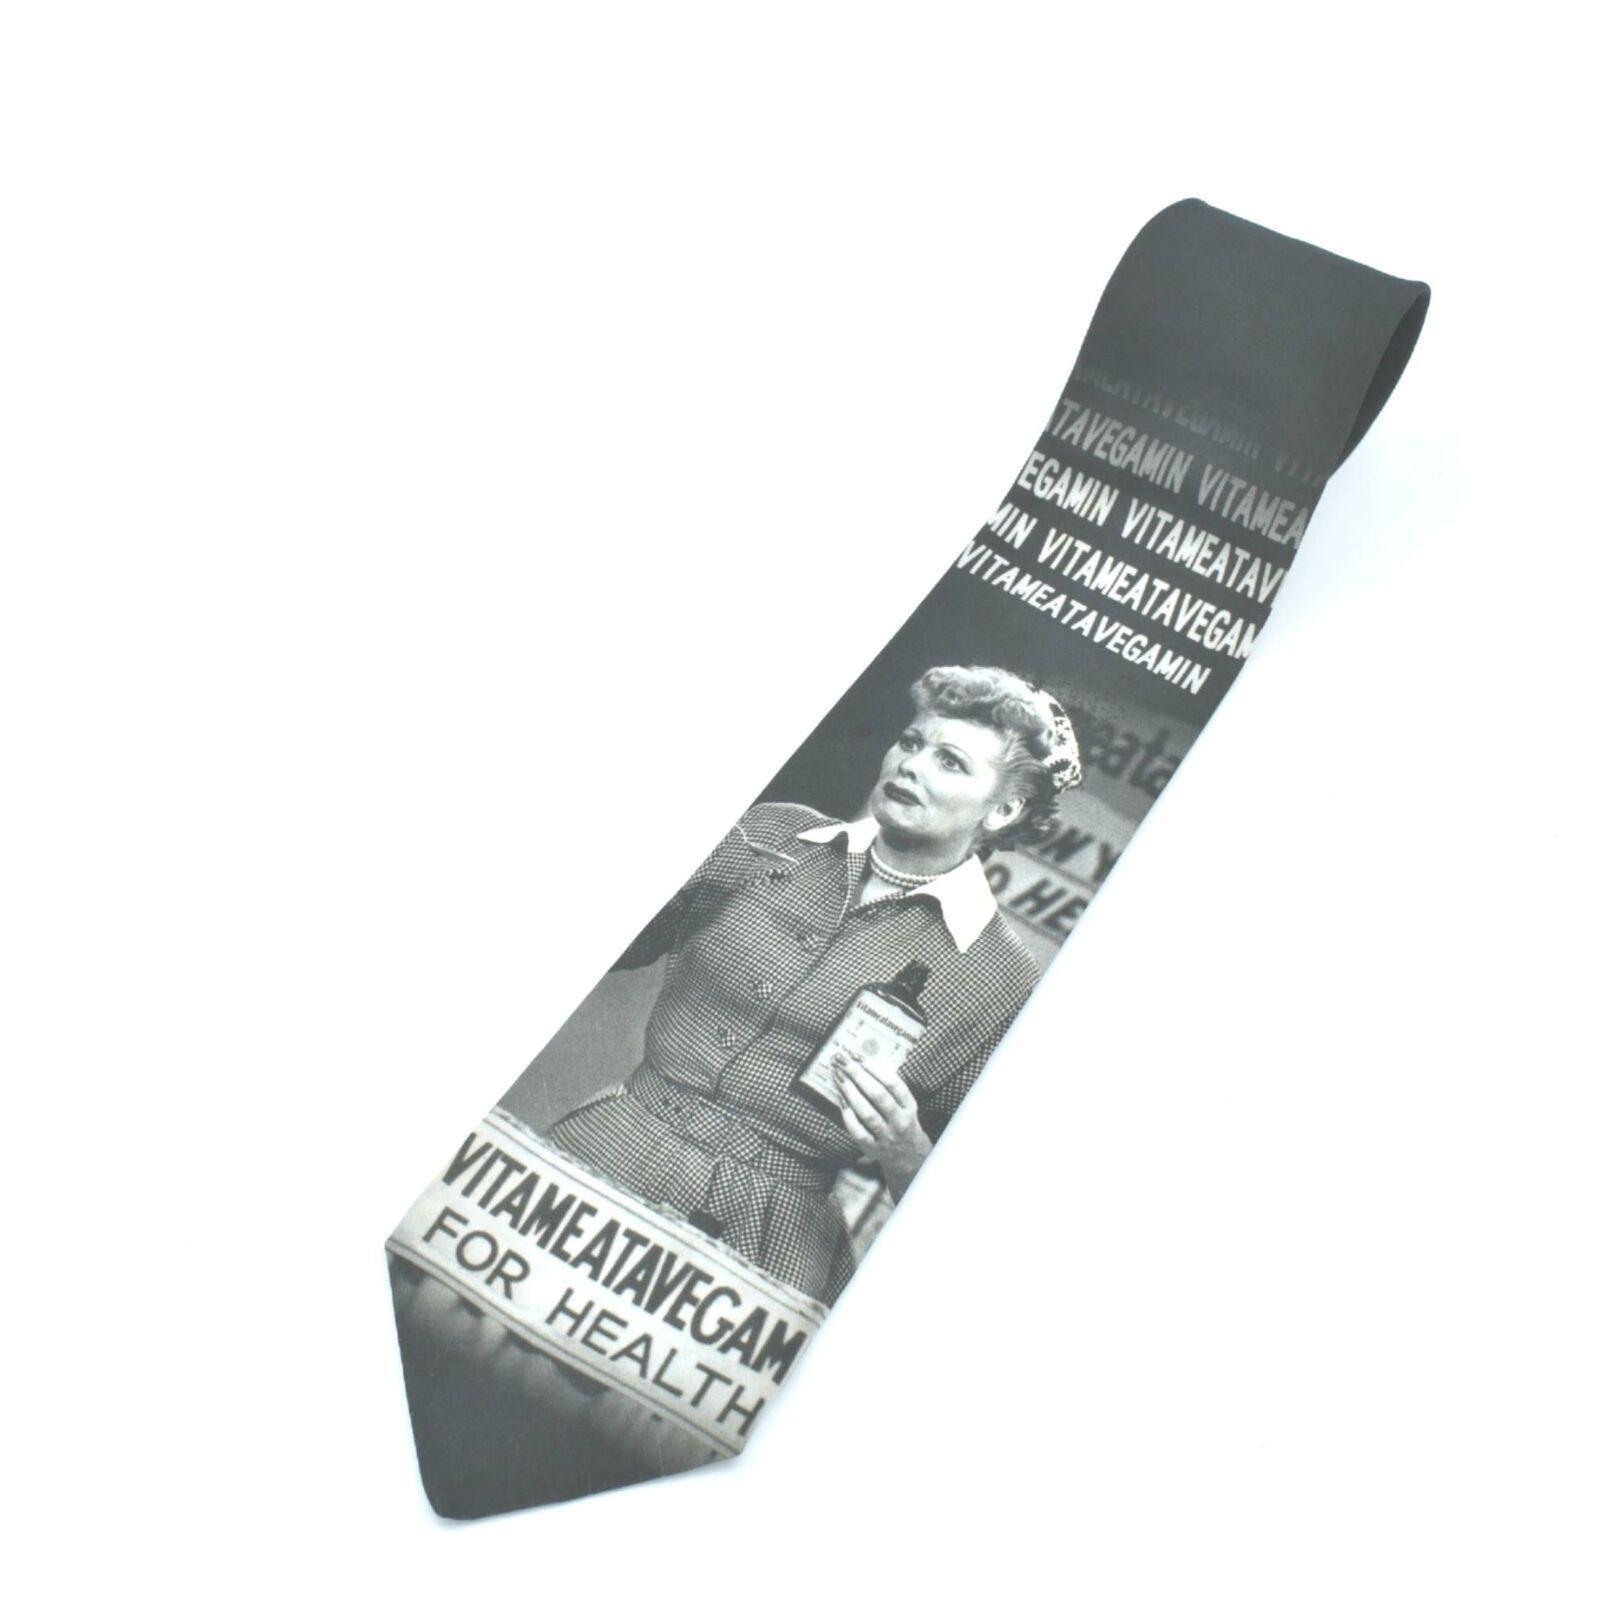 Ralph Martin Lucy Vitameatavegamin Polyester Tie Necktie